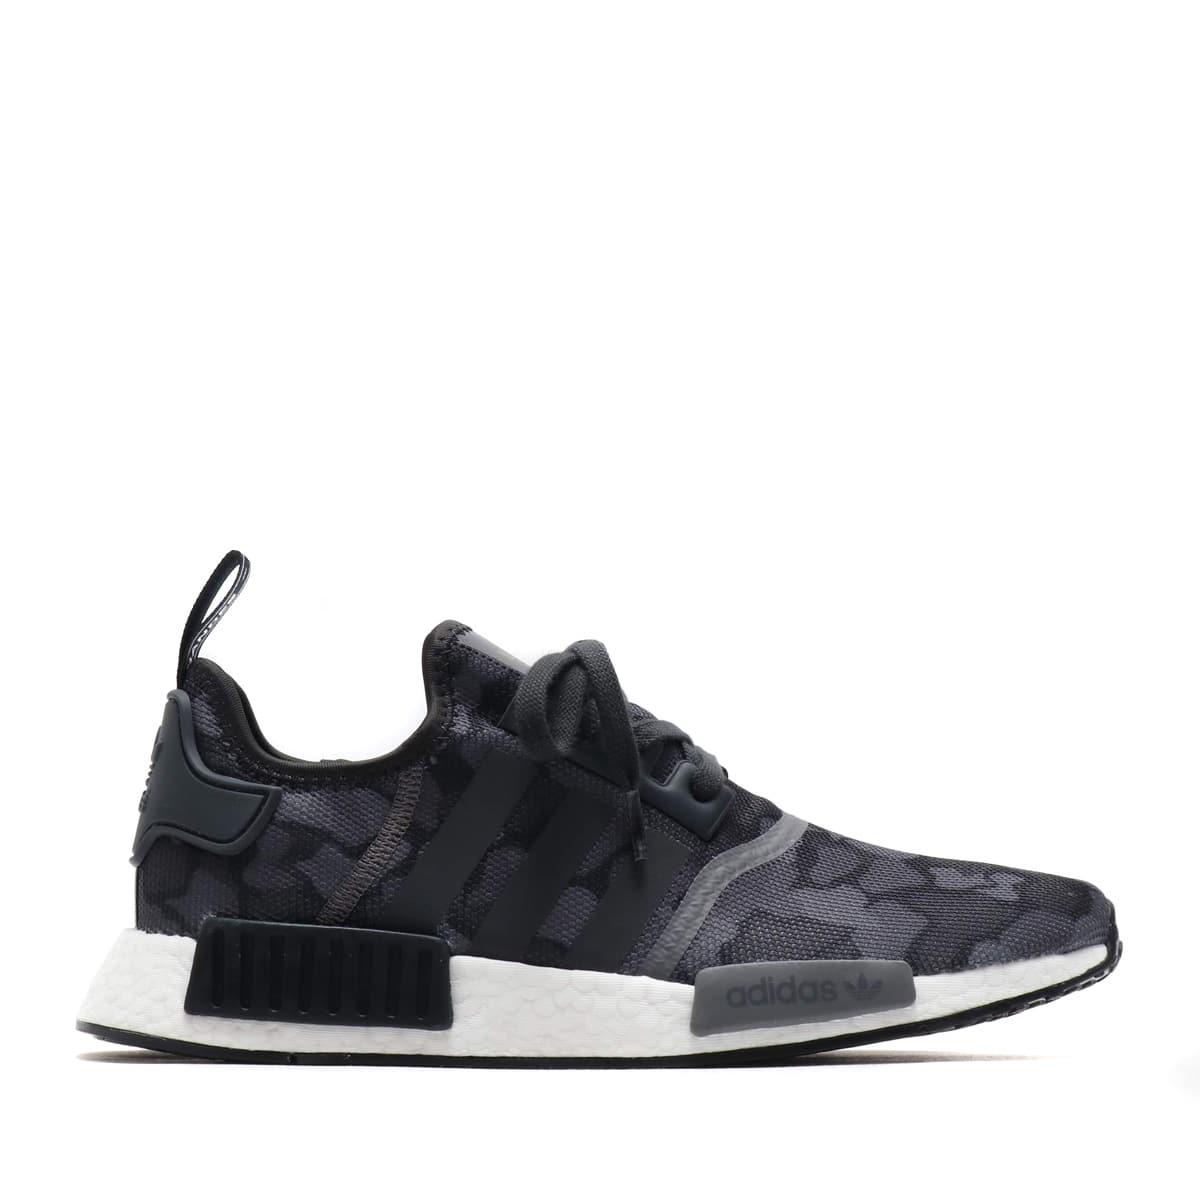 d6a4cb375 adidas Originals NMD R1 CORE BLACK GREY GREY 18FW-I